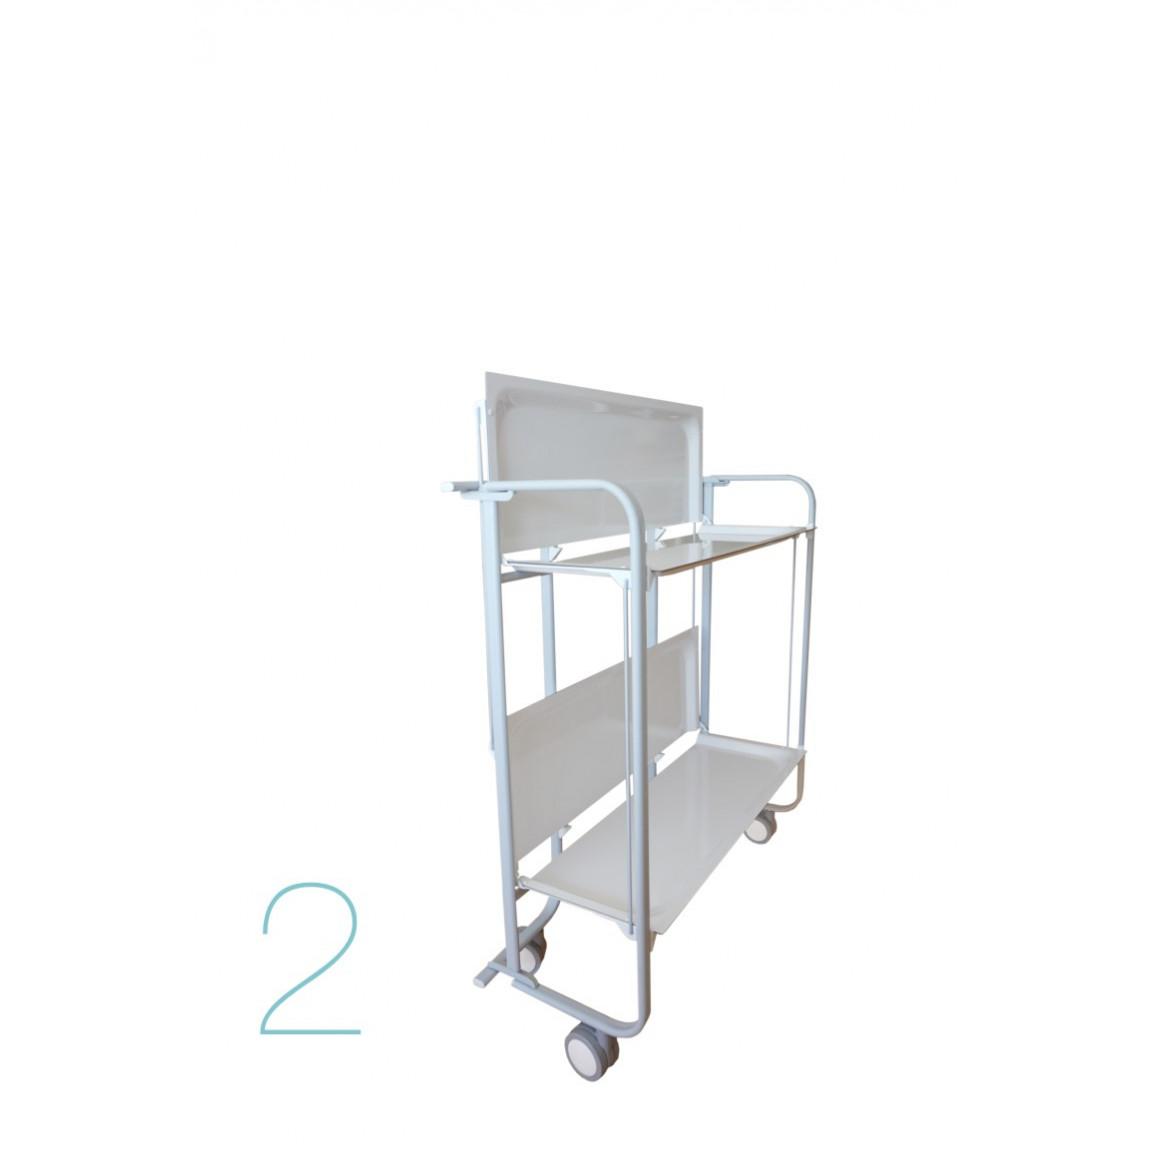 Faltbarer 3-stöckiger Servierwagen | Weiß verchromt